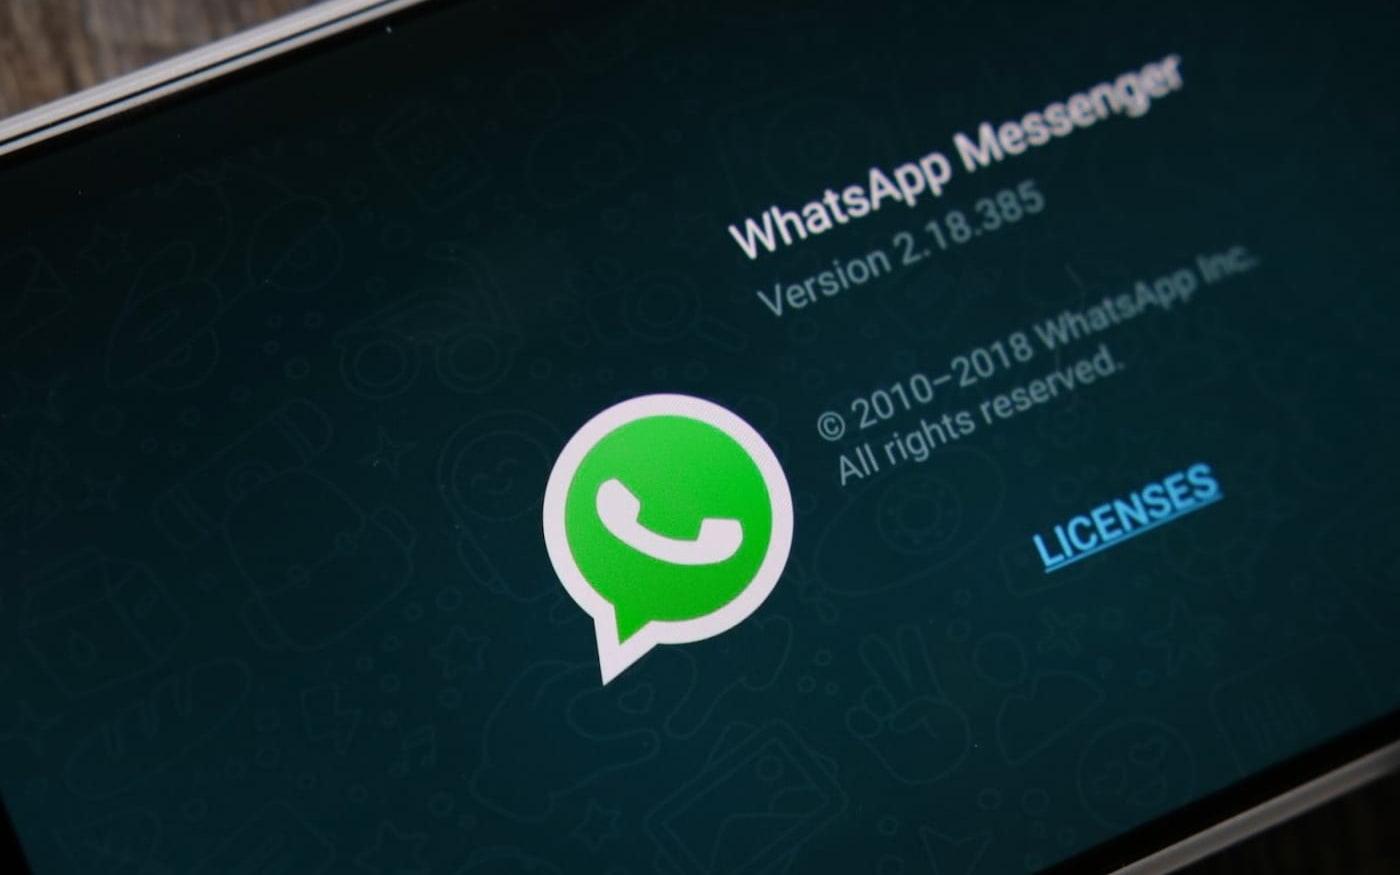 Modo noturno para WhatsApp pode ser lançado em breve